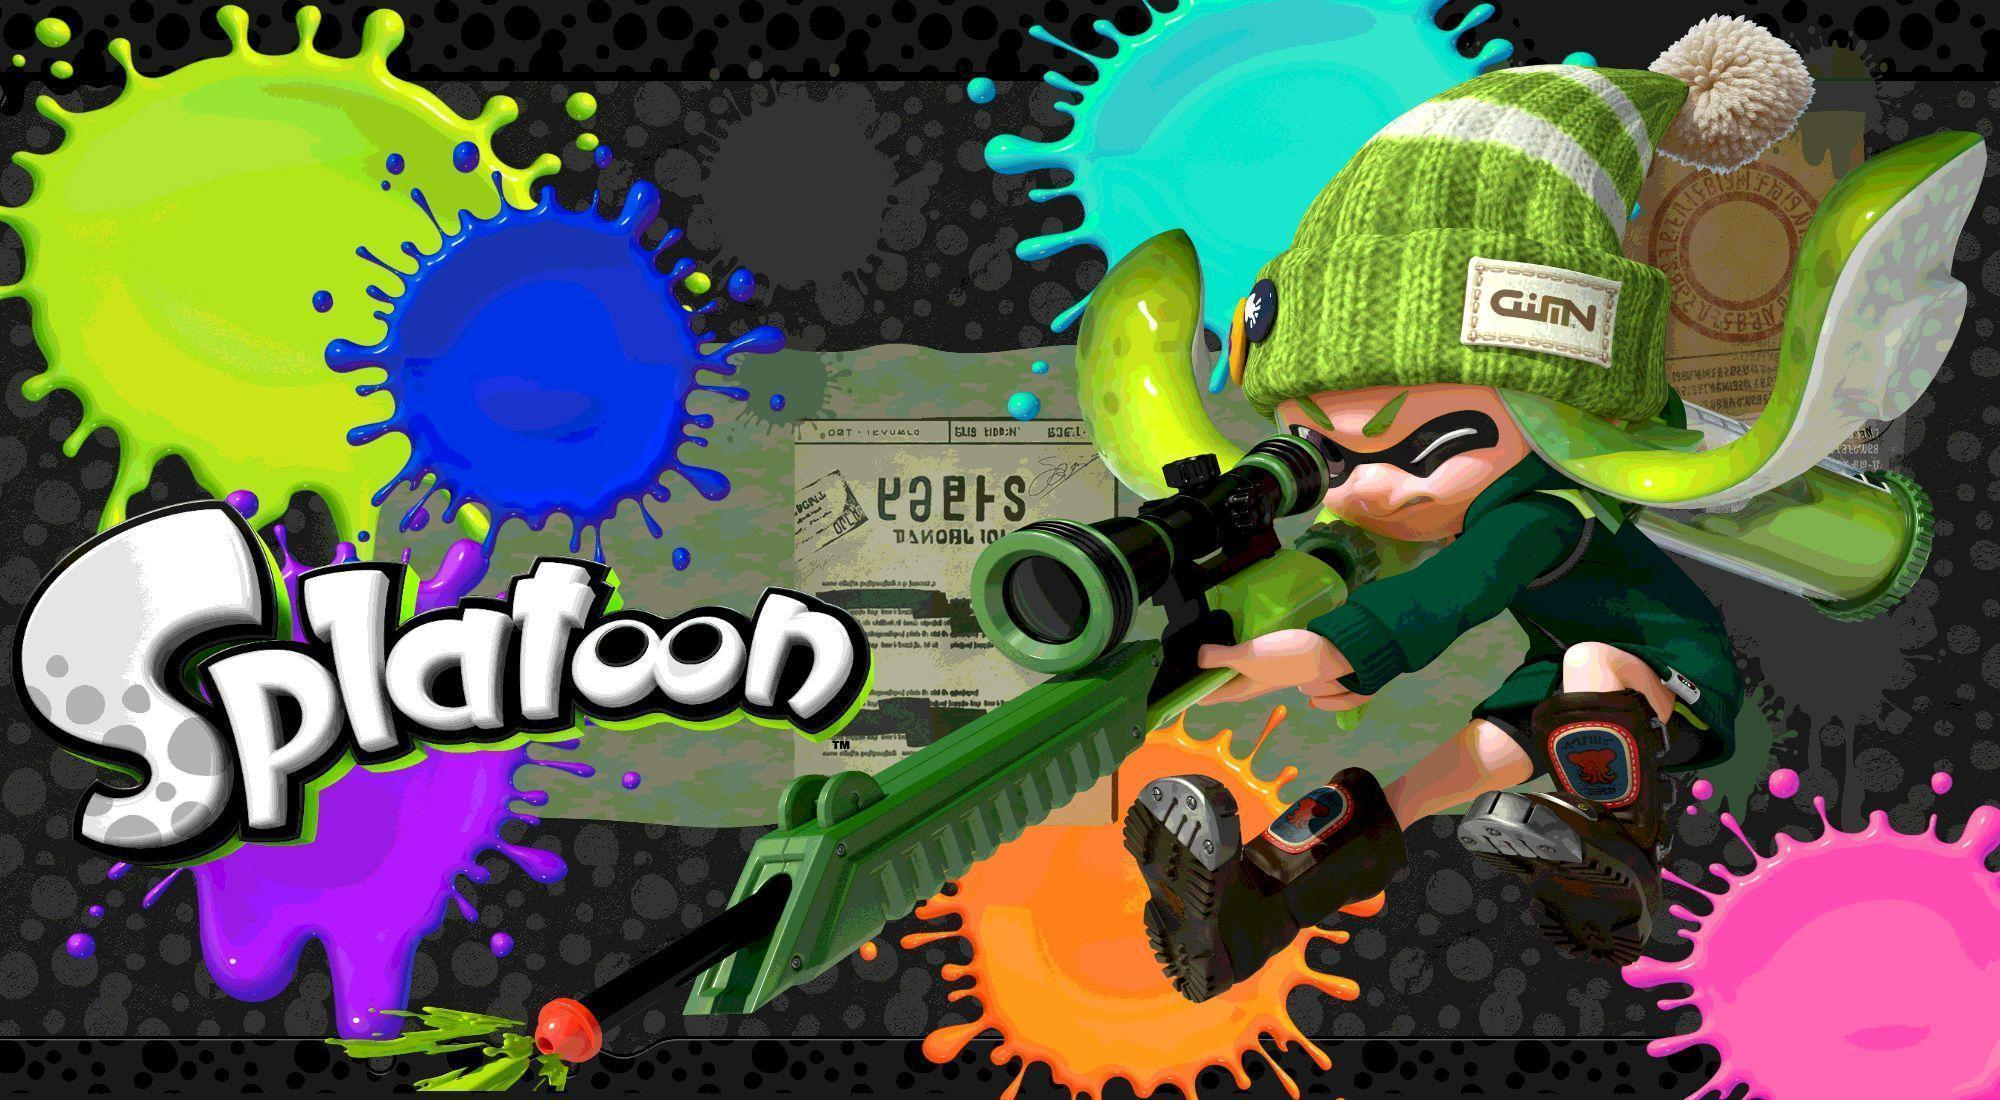 splatoon wallpaper by xxzicexx - photo #17